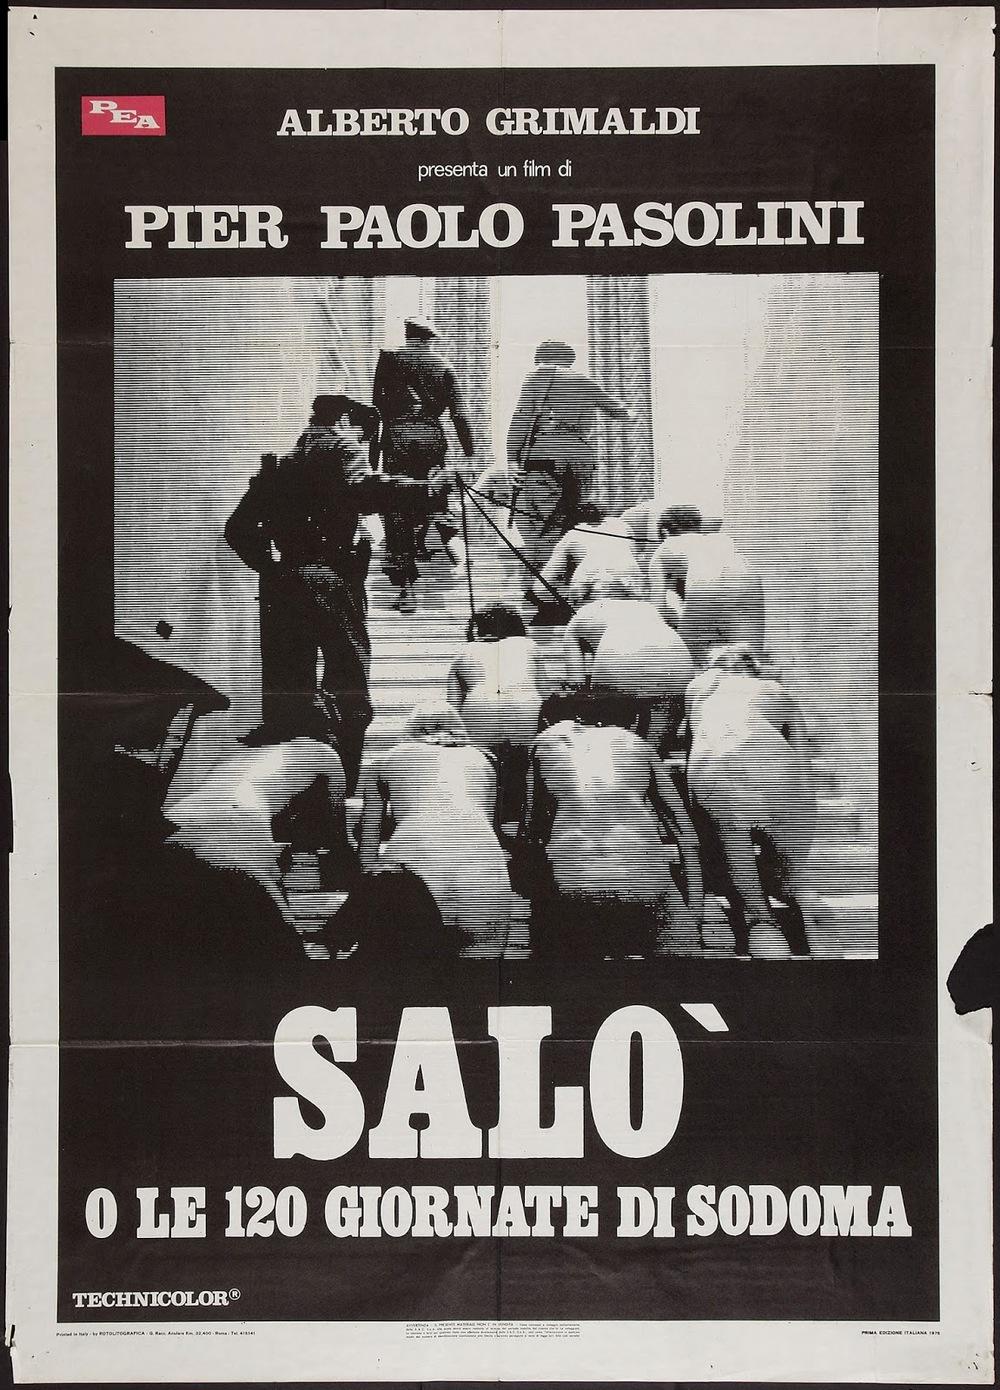 SALO, O LE 120 GIORNATE DI SODOMA - Italian Poster 1.jpeg